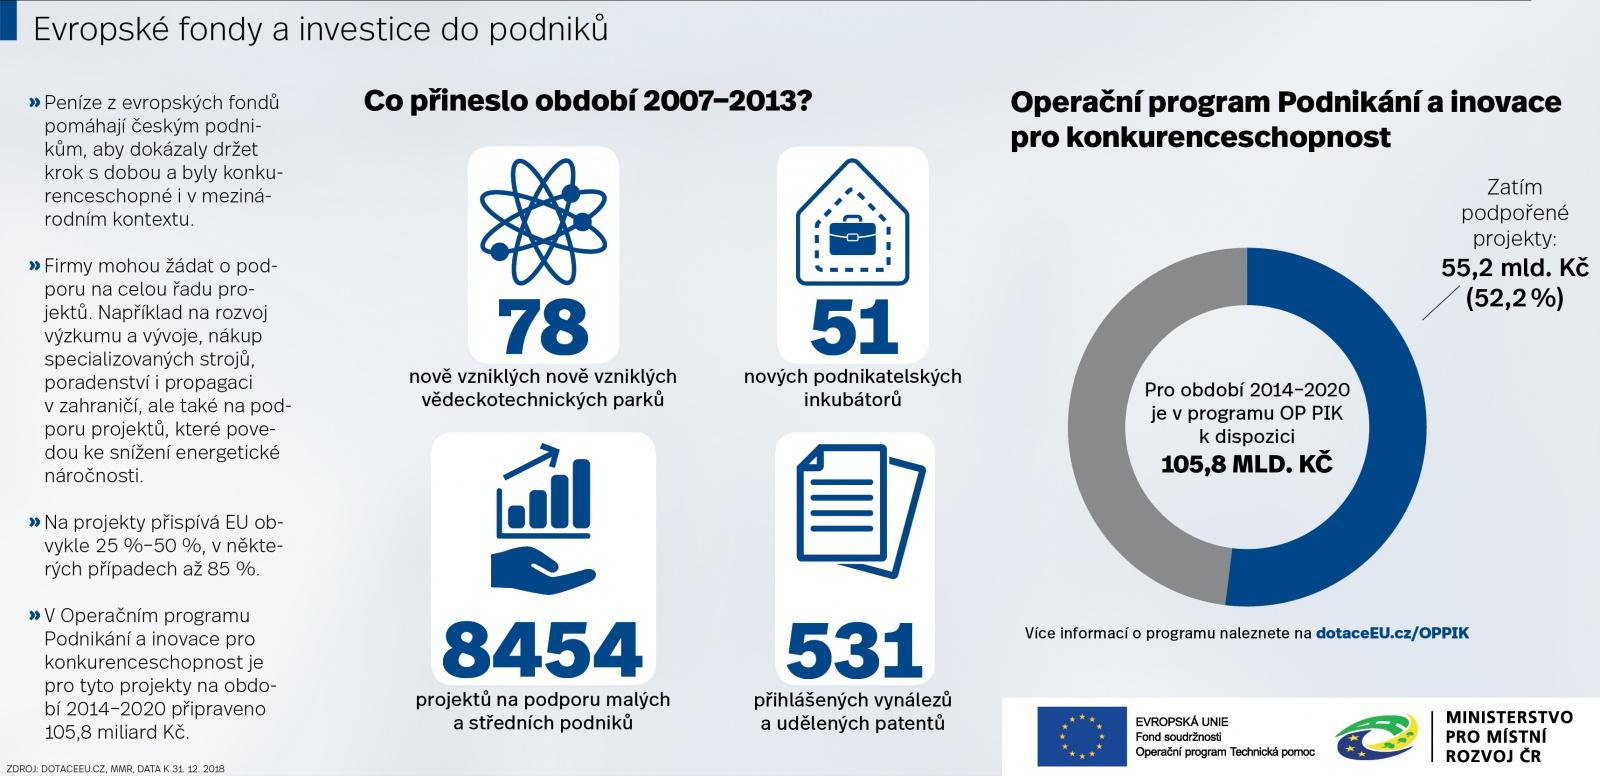 praha česká republika datování